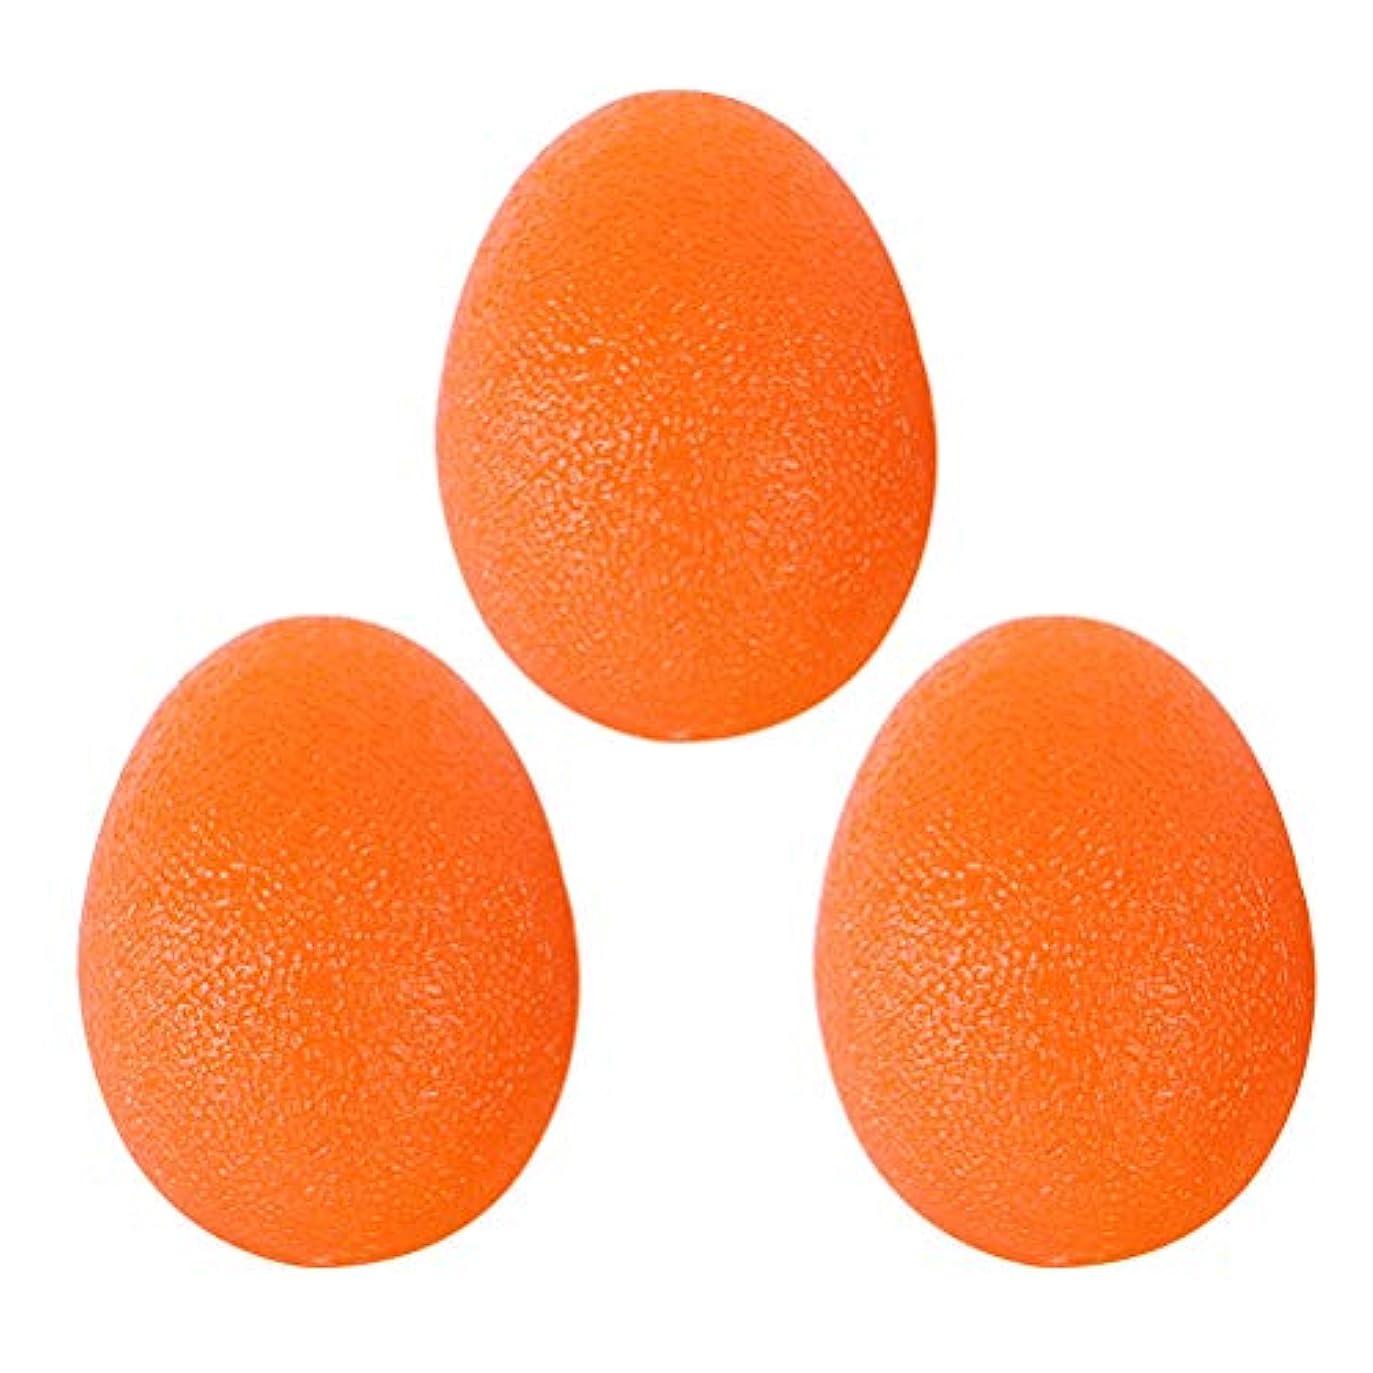 炭素天才自然公園VORCOOL ハンドエクササイズ 卵型 シリコン 握力トレーニング ボール 握力 ストレス 解消 手首強化 リハビリテーション適用 3個セット オレンジ